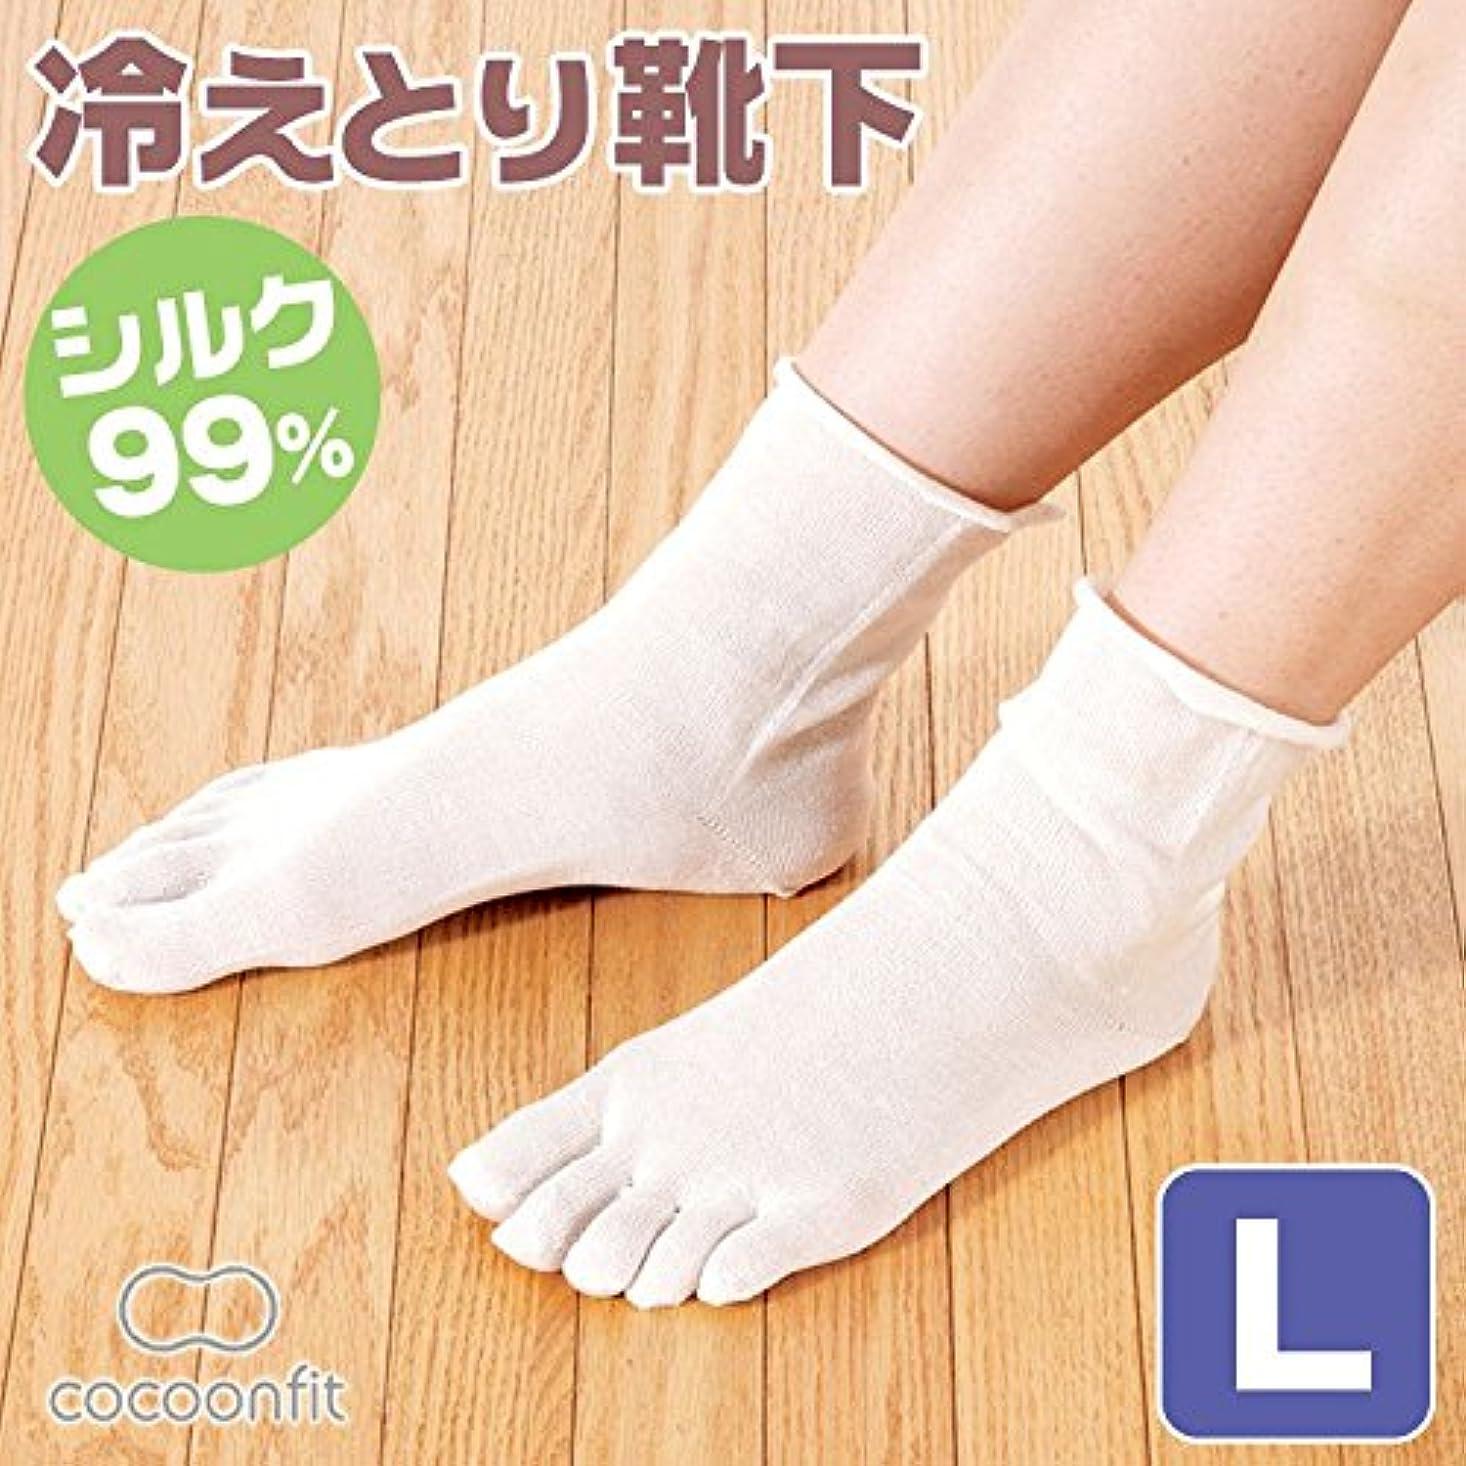 はげバーガーサッカー冷え取り靴下 5本指ソックス シルク[Lサイズ:25~27cm] ※重ね履き靴下の1枚目のみ cocoonfit